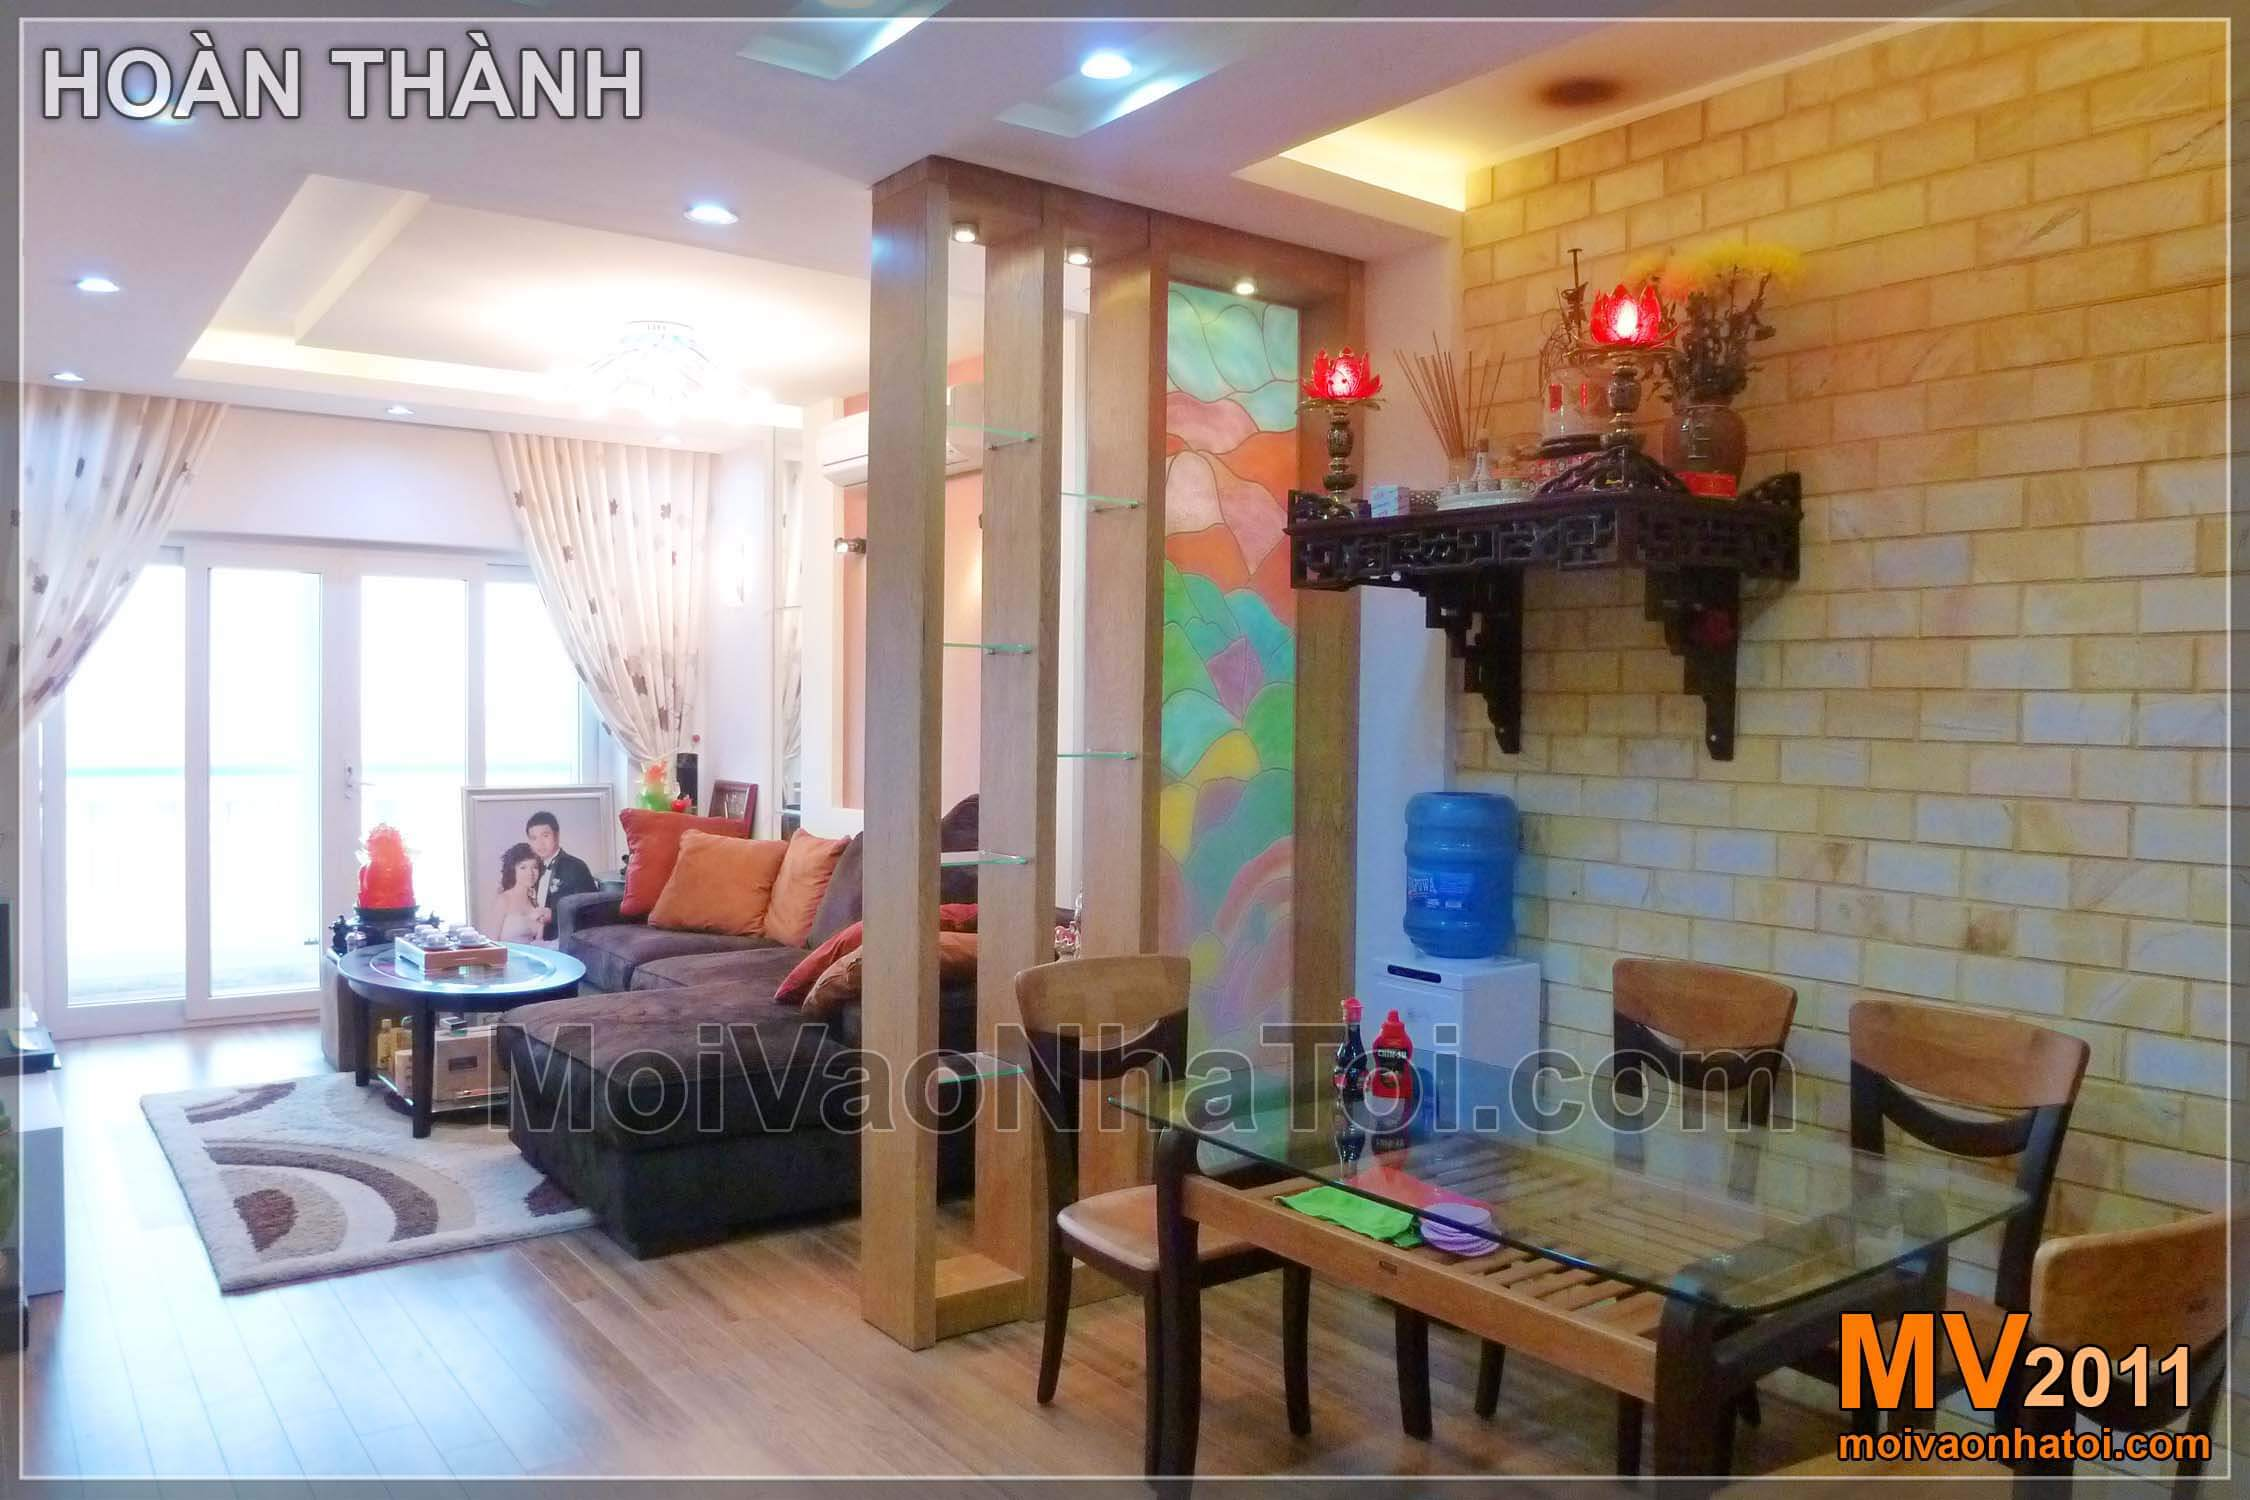 Nội thất chung cư Việt Hưng Happy House khi hoàn thành